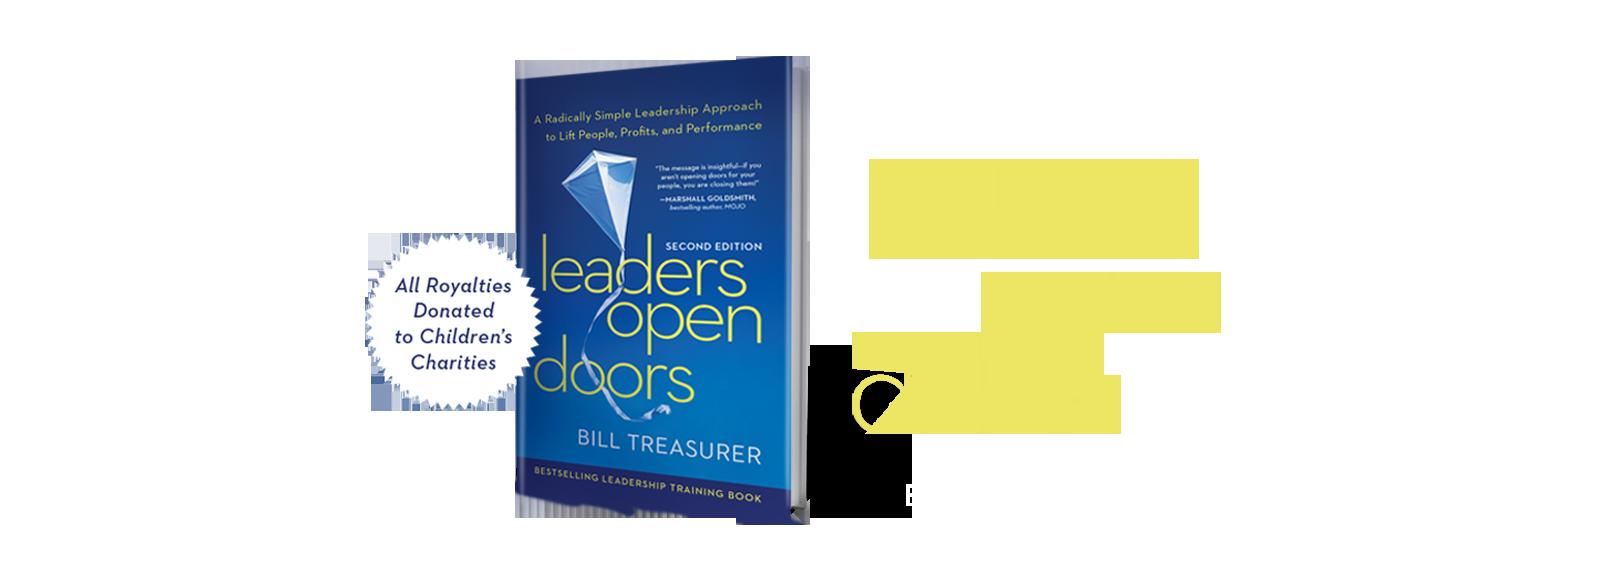 John Perkins - Leaders Open Doors